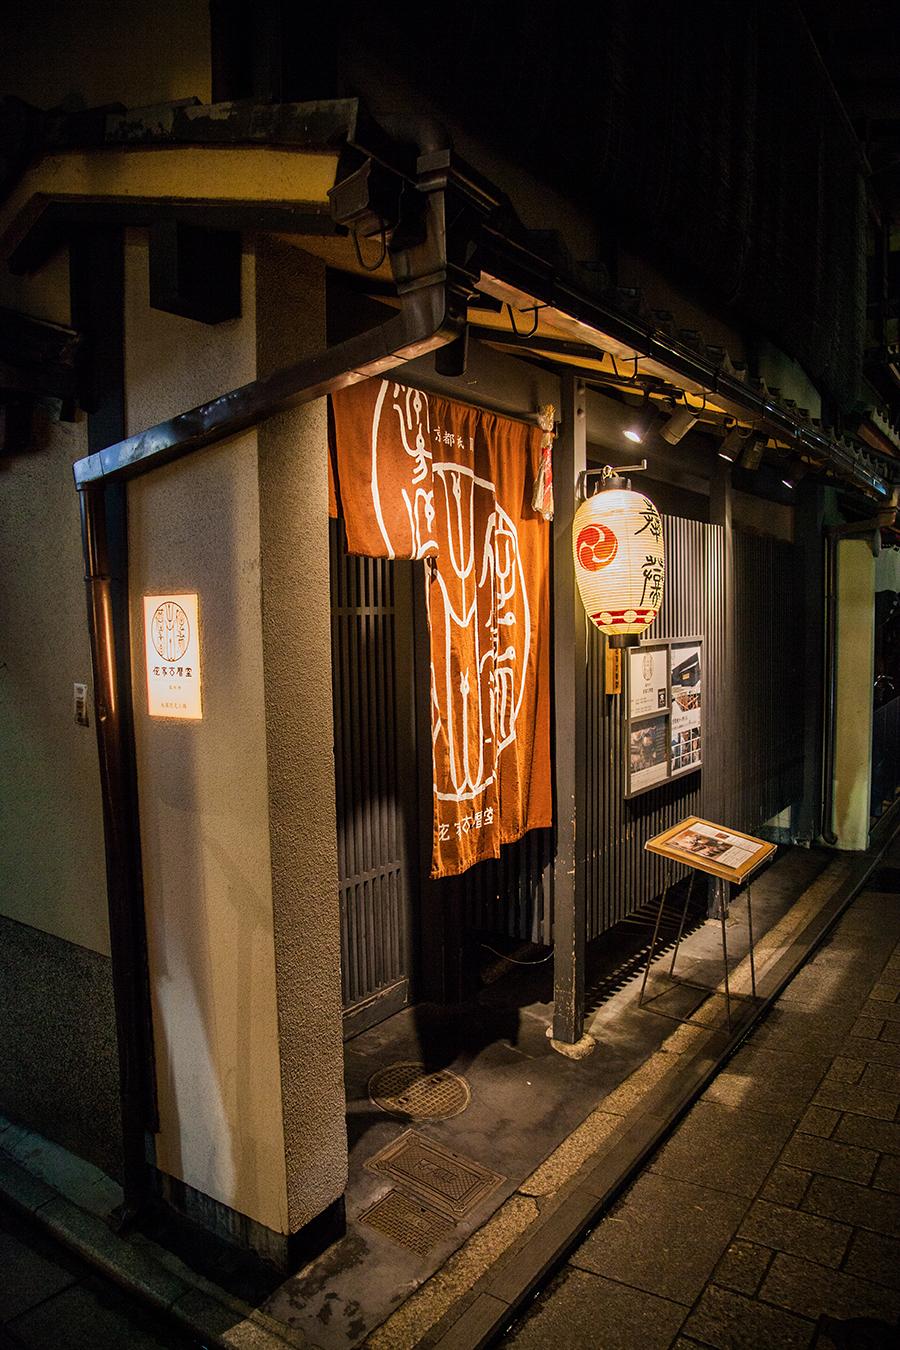 kyoto ristorante notte